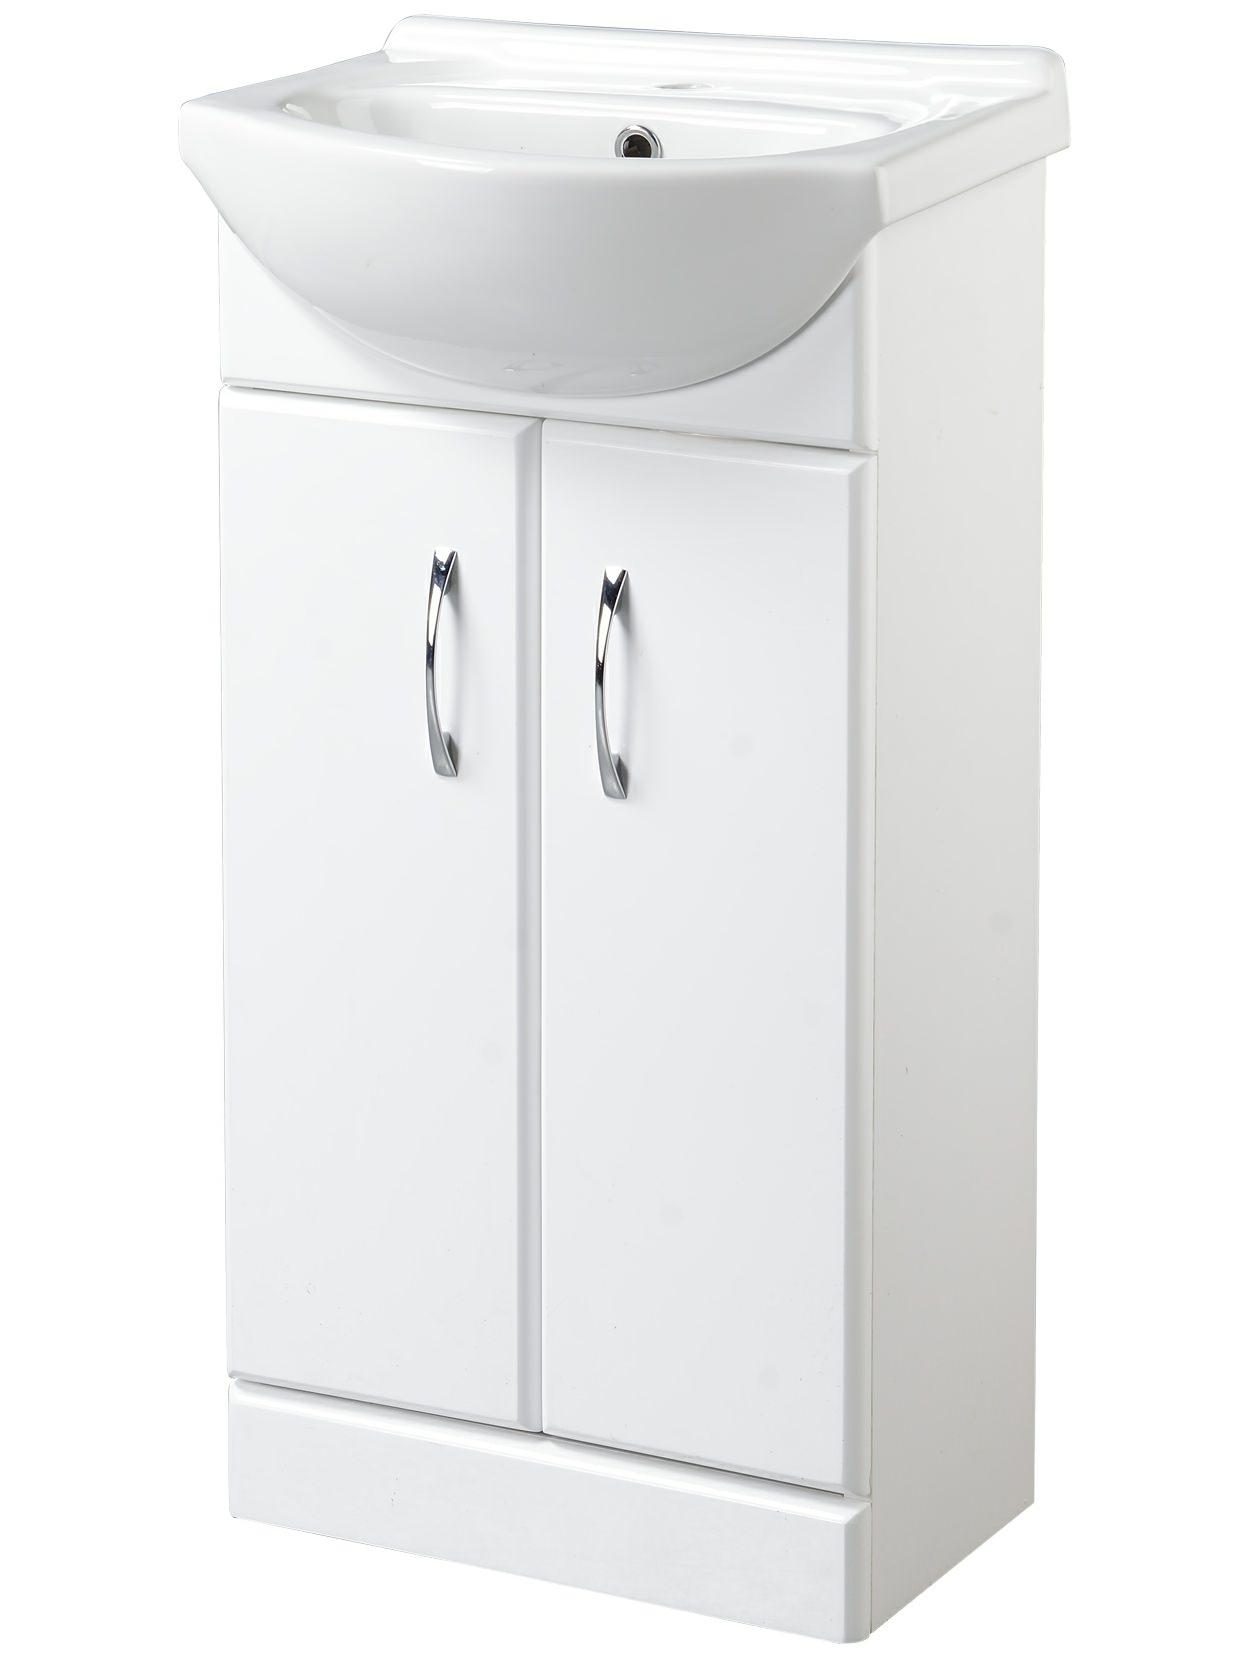 Croydex Kinsford 455mm Double Door Basin Vanity Unit